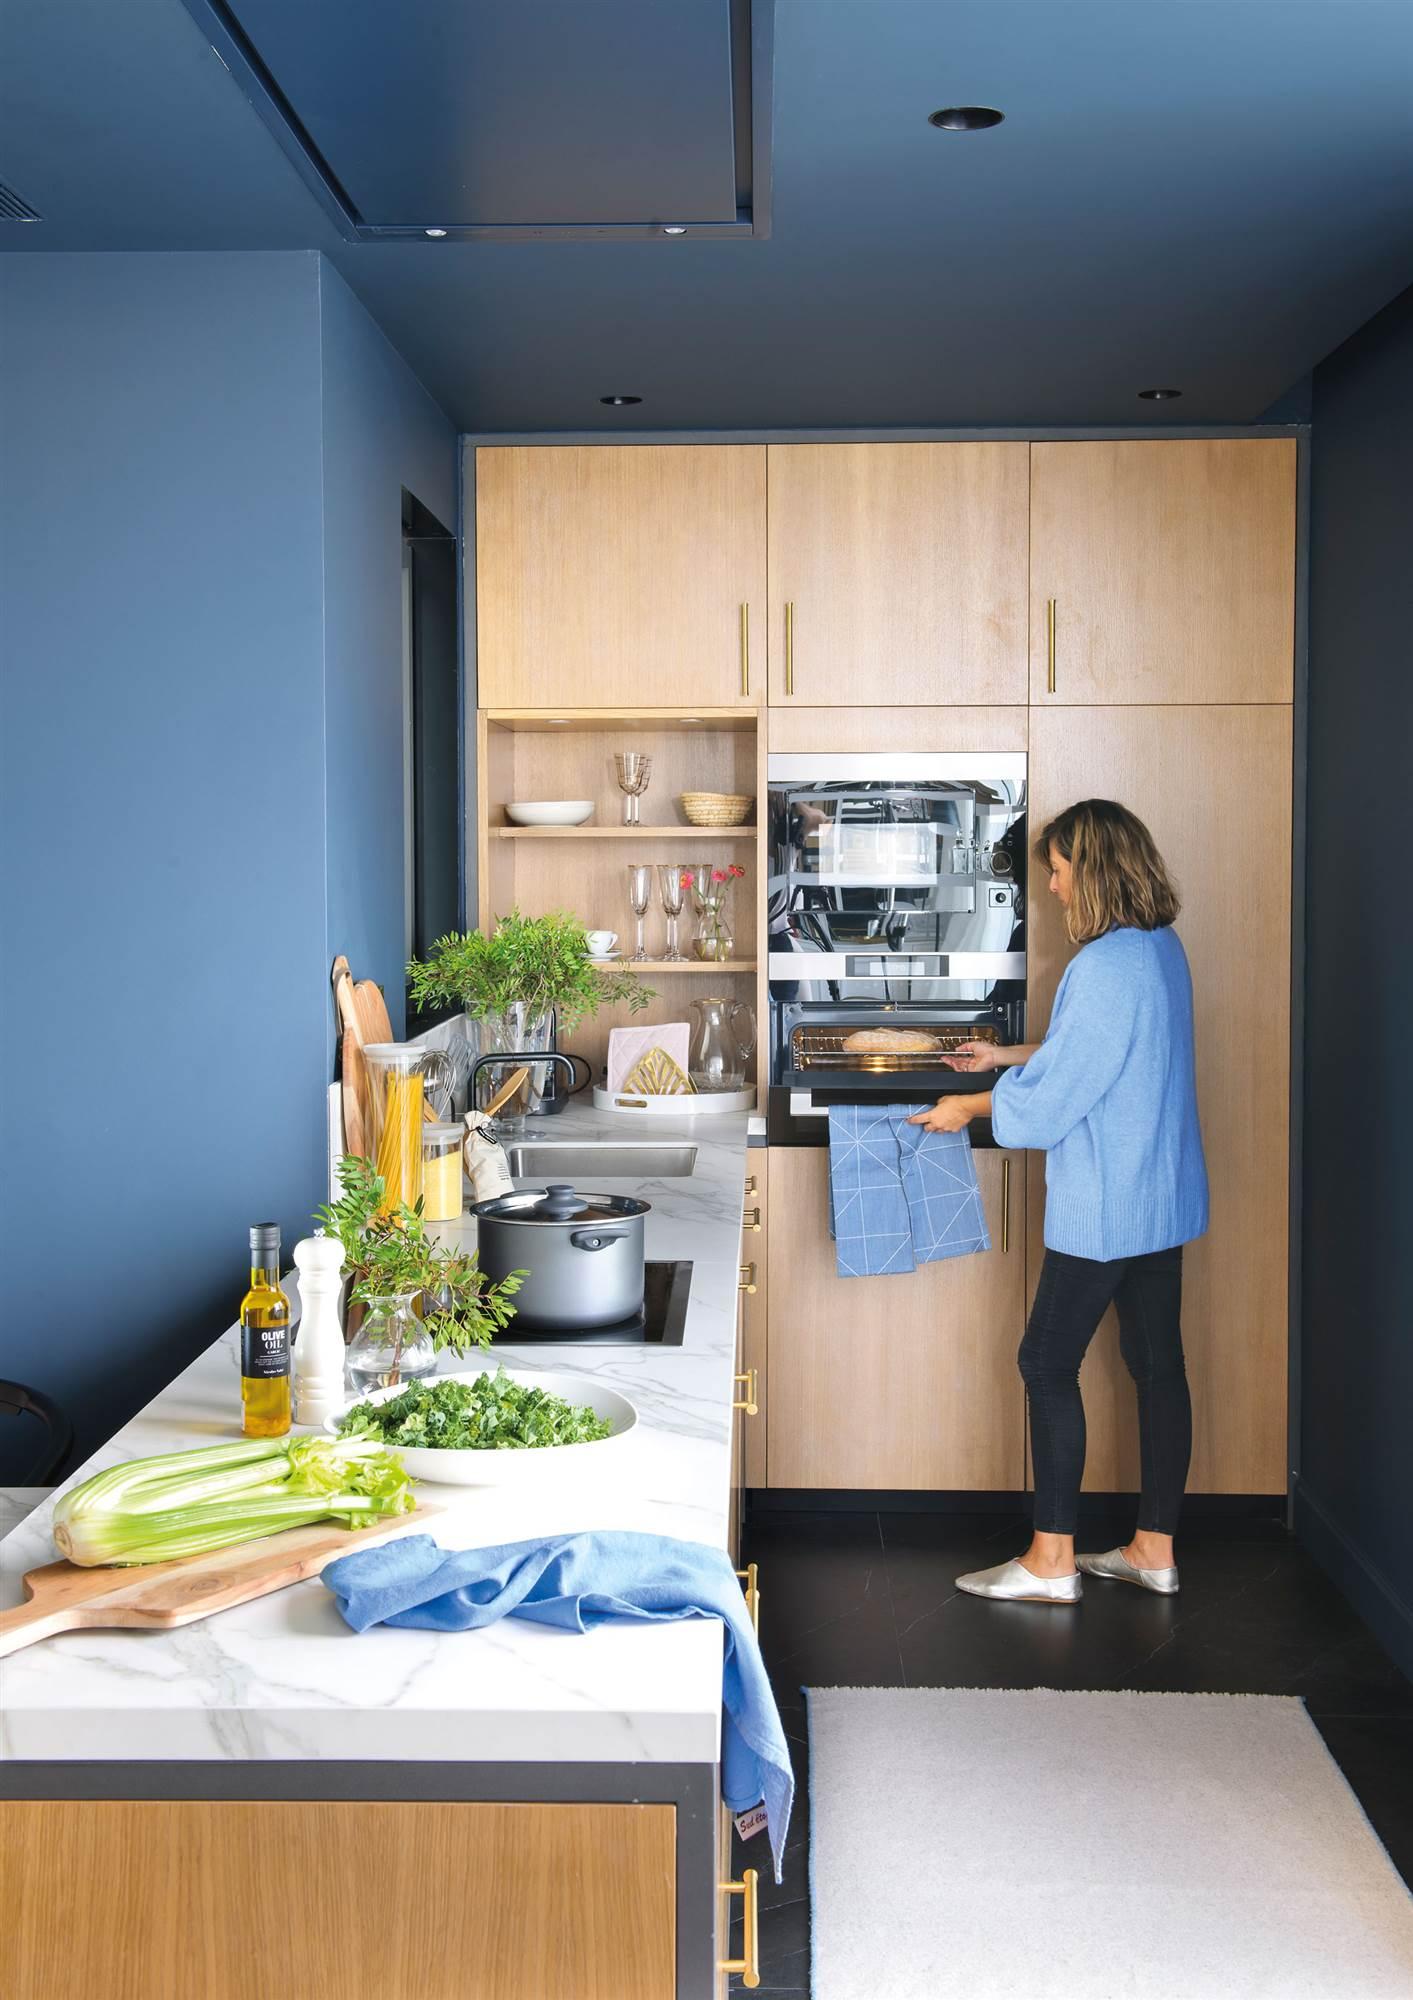 Cocinas blancas o cocinas con color ventajas e inconvenientes for Cocina pintura pato azul